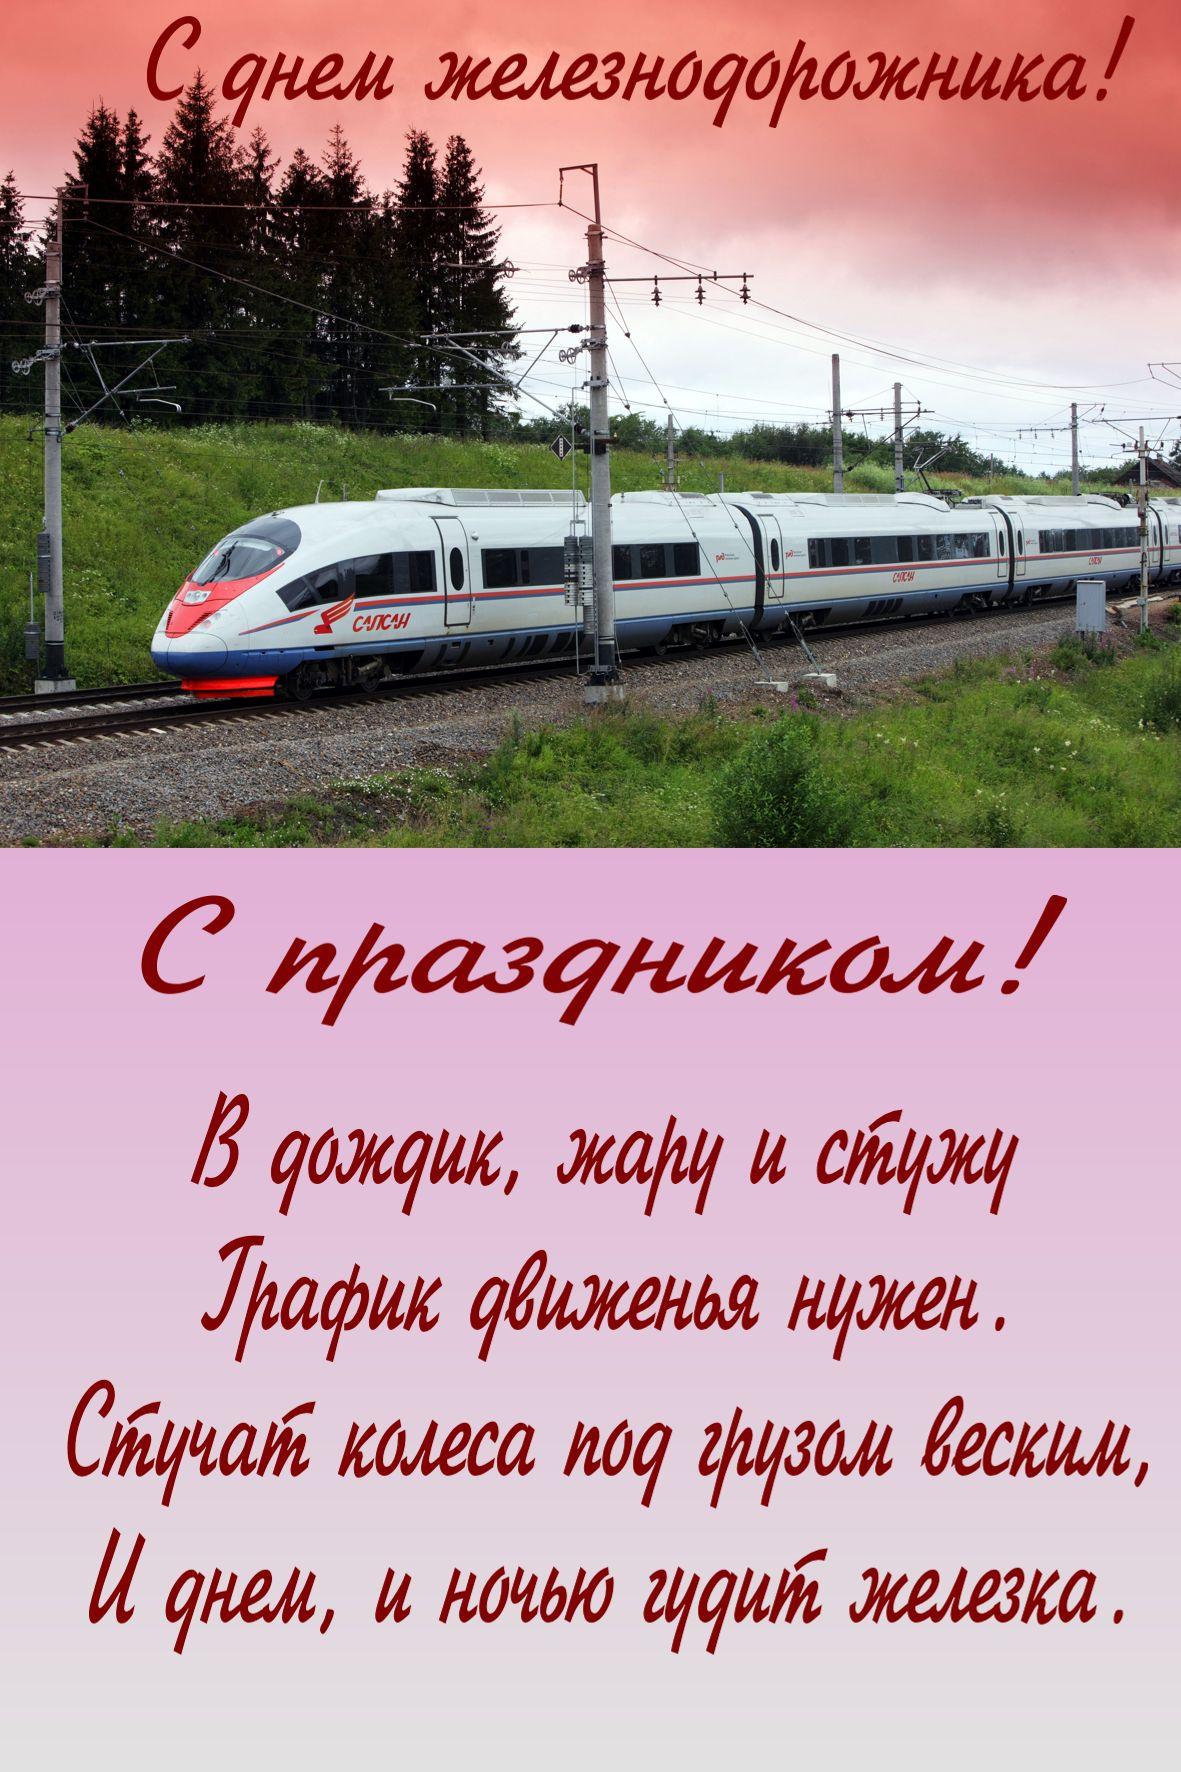 поздравления с днем железнодорожника картинки для ватсап